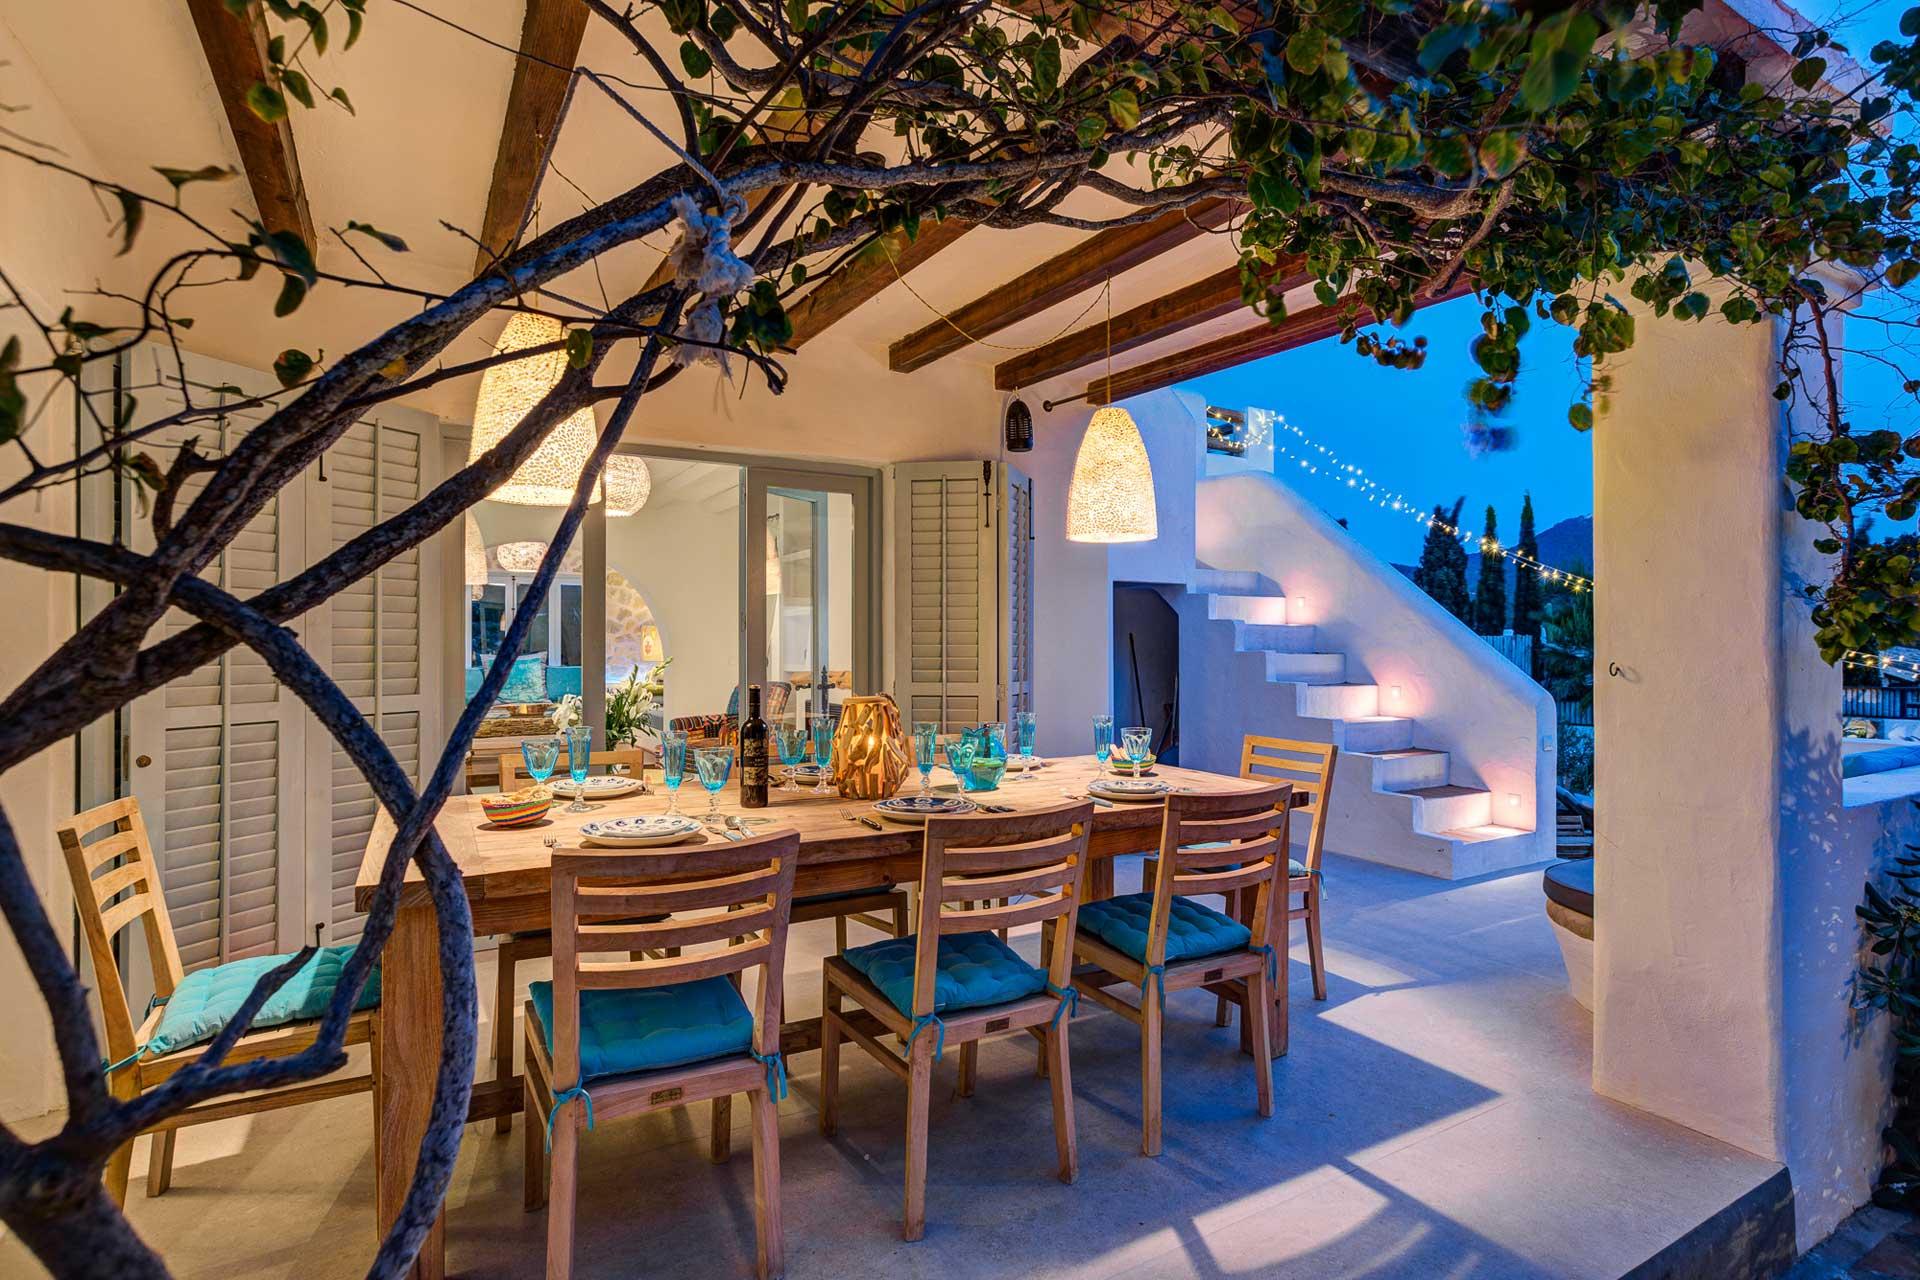 Villa Can Terra - Wohnbereich mit Essplatz außen